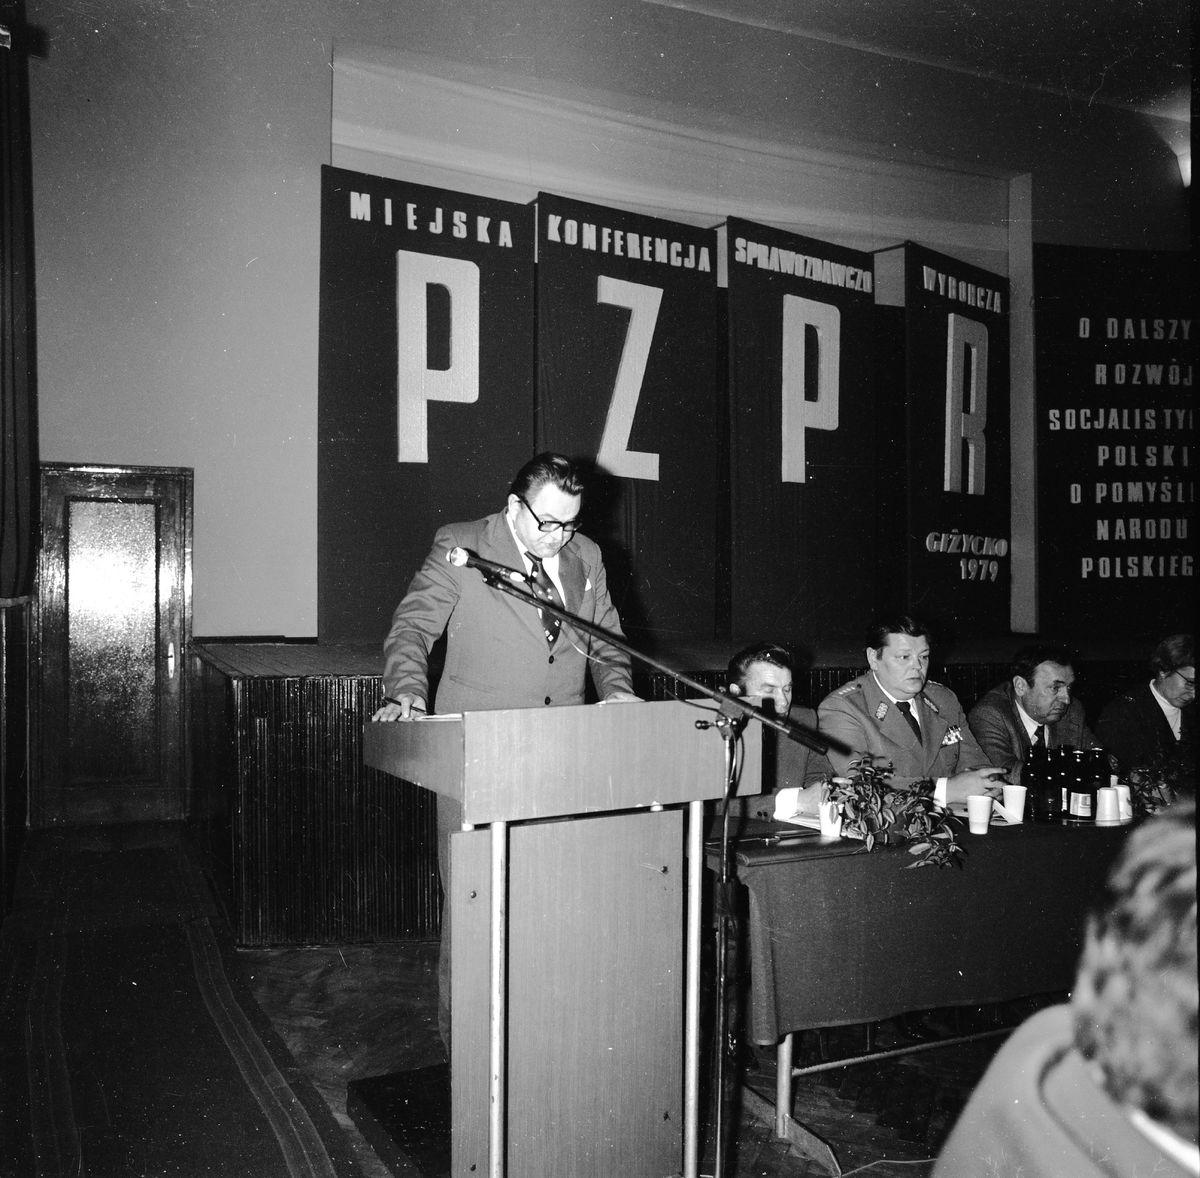 Konferencja sprawozdawczo-wyborcza PZPR [3]